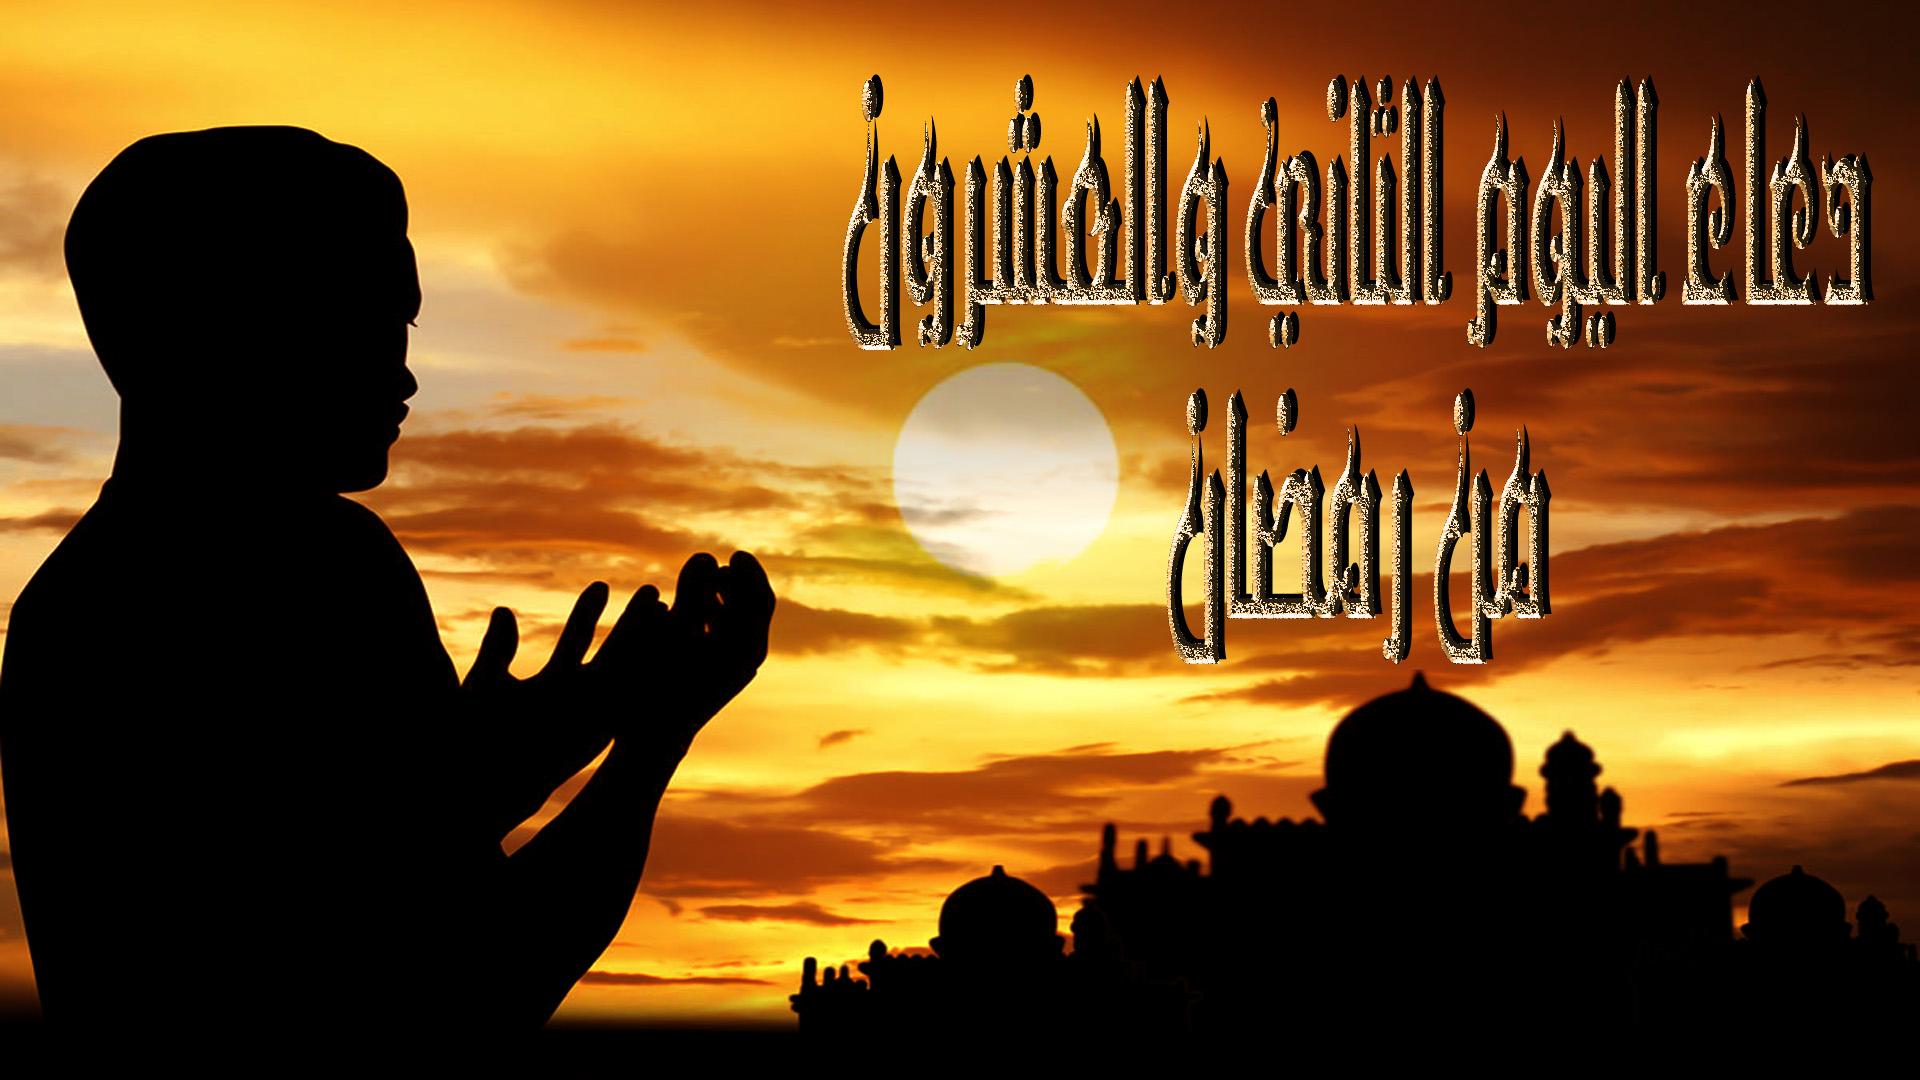 أدعية أيام شهر رمضان ( دعاء اليوم الثاني والعشرون )